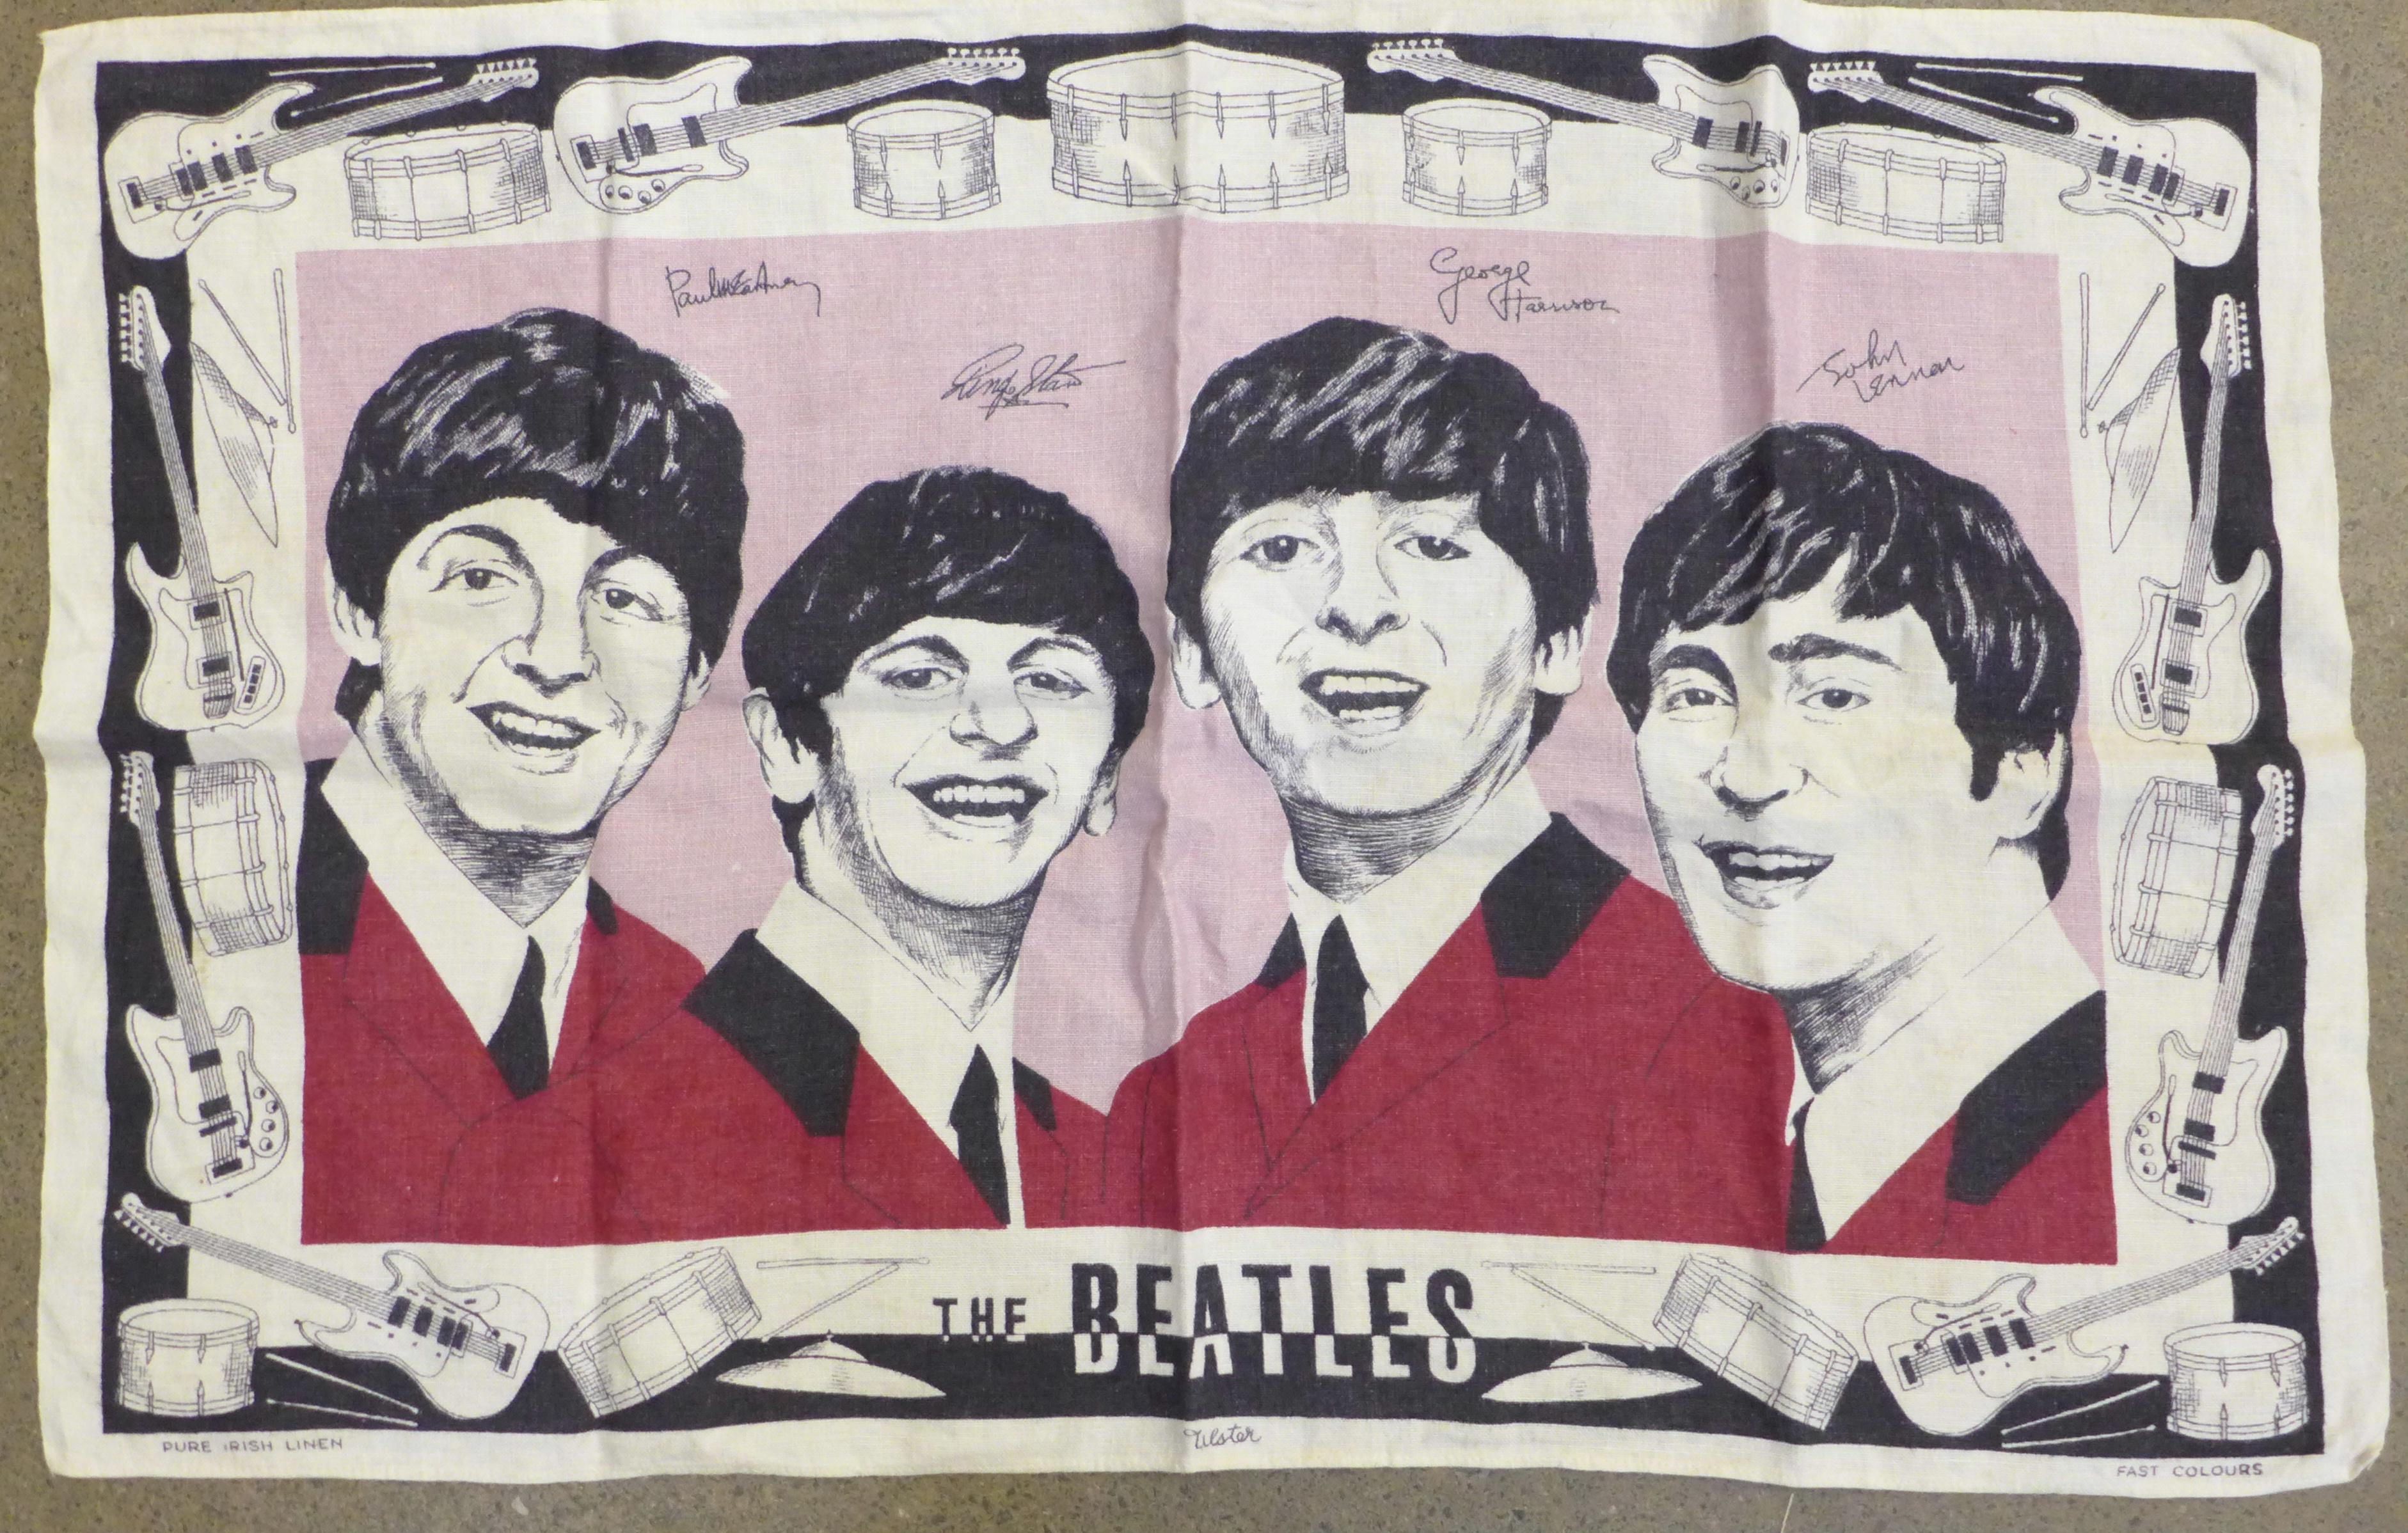 A Beatles tea towel